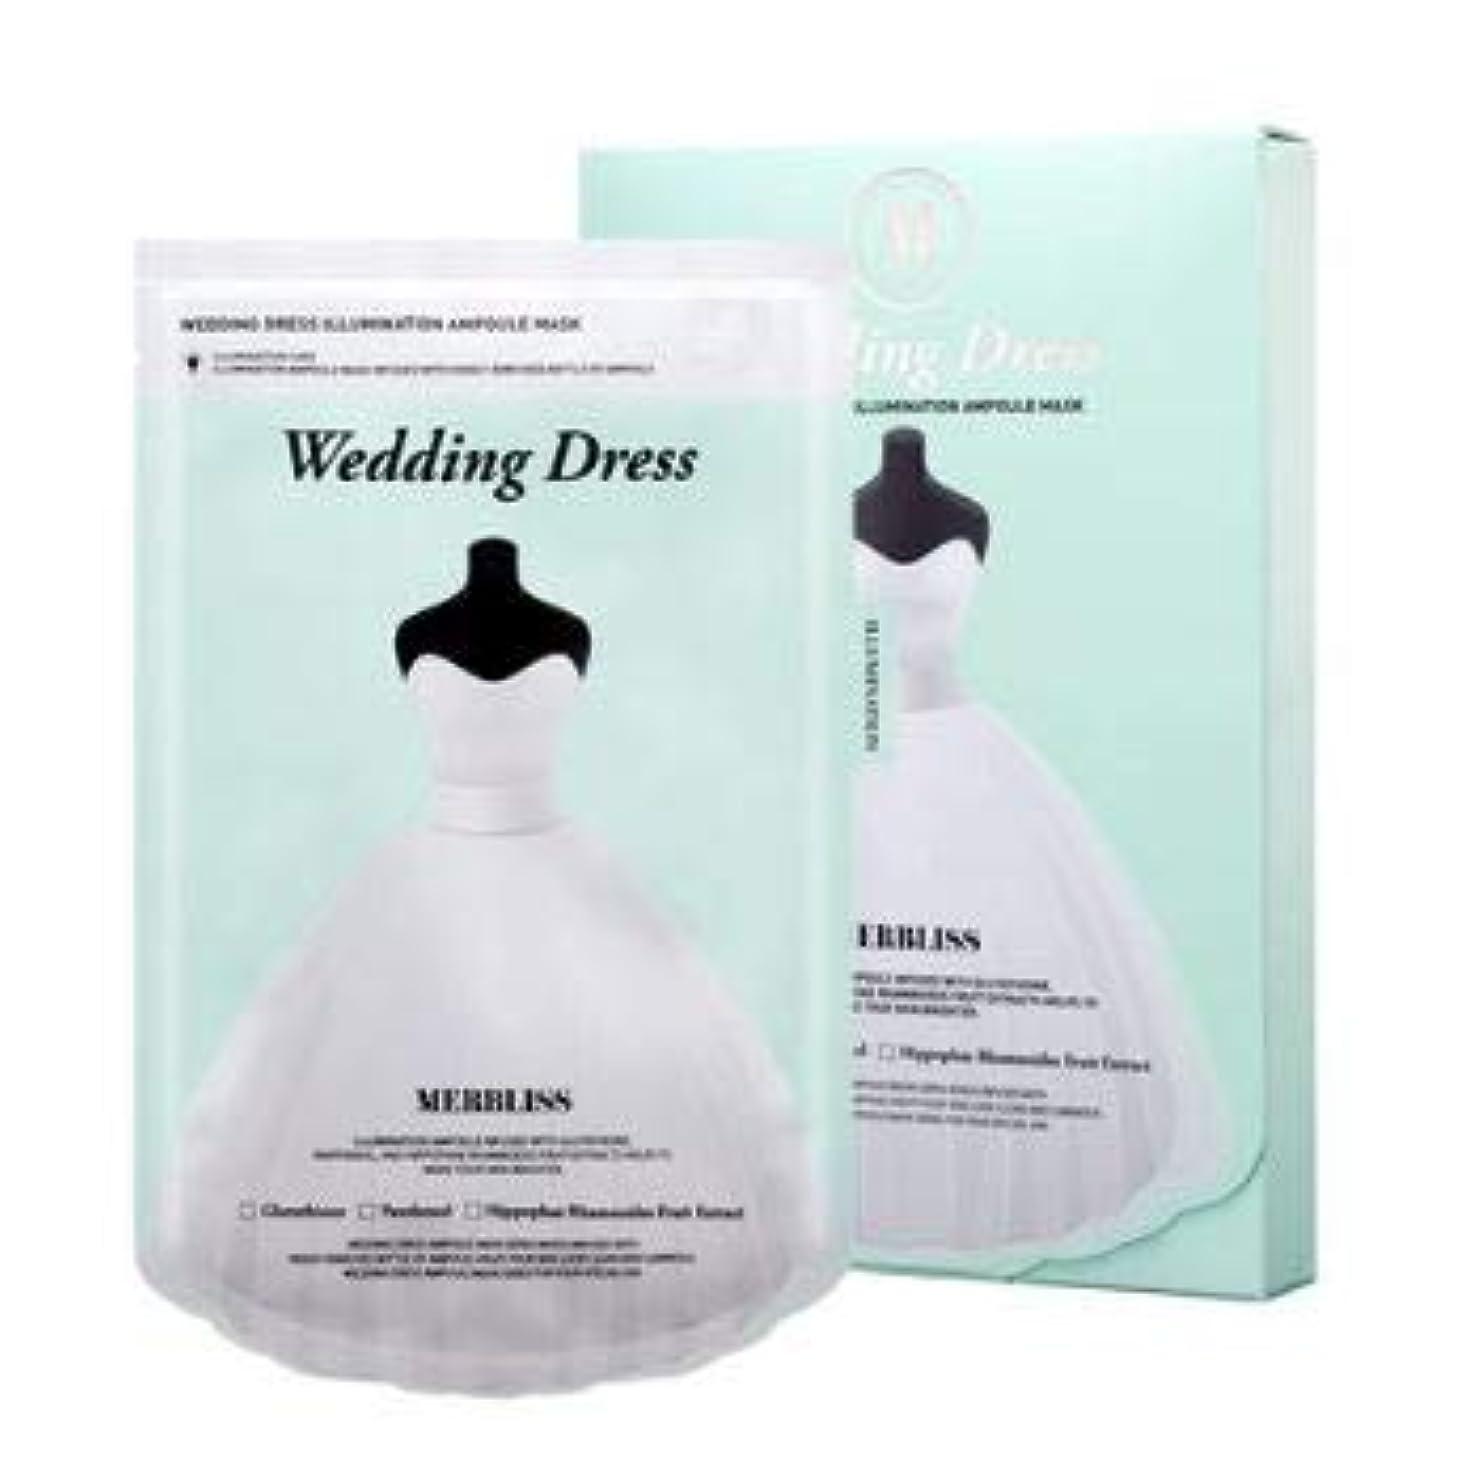 ベンチャー鉛ごみ[Merbliss] Wedding Dress Illumination Ampoule Mask 25gx5ea /ウェディングドレスイルミネーションアンプルマスク25gx5枚 [並行輸入品]